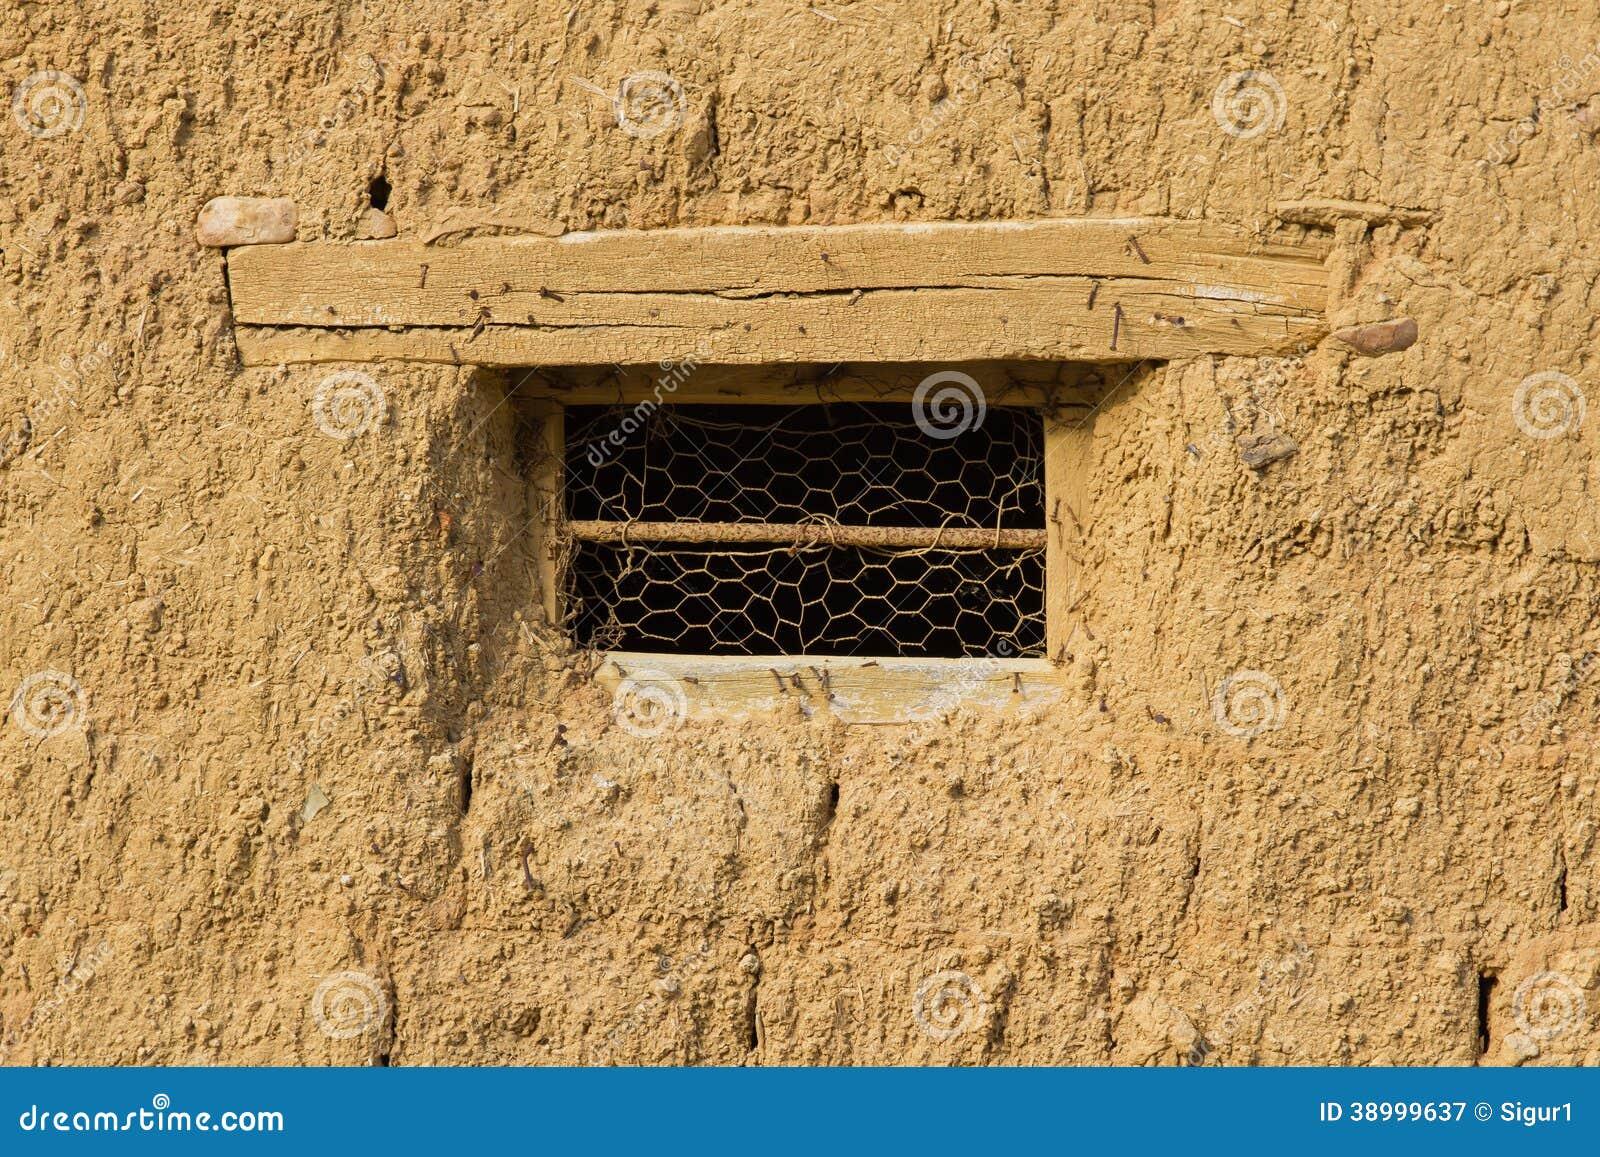 Ventana en la casa de adobe foto de archivo imagen 38999637 - Dintel de madera ...